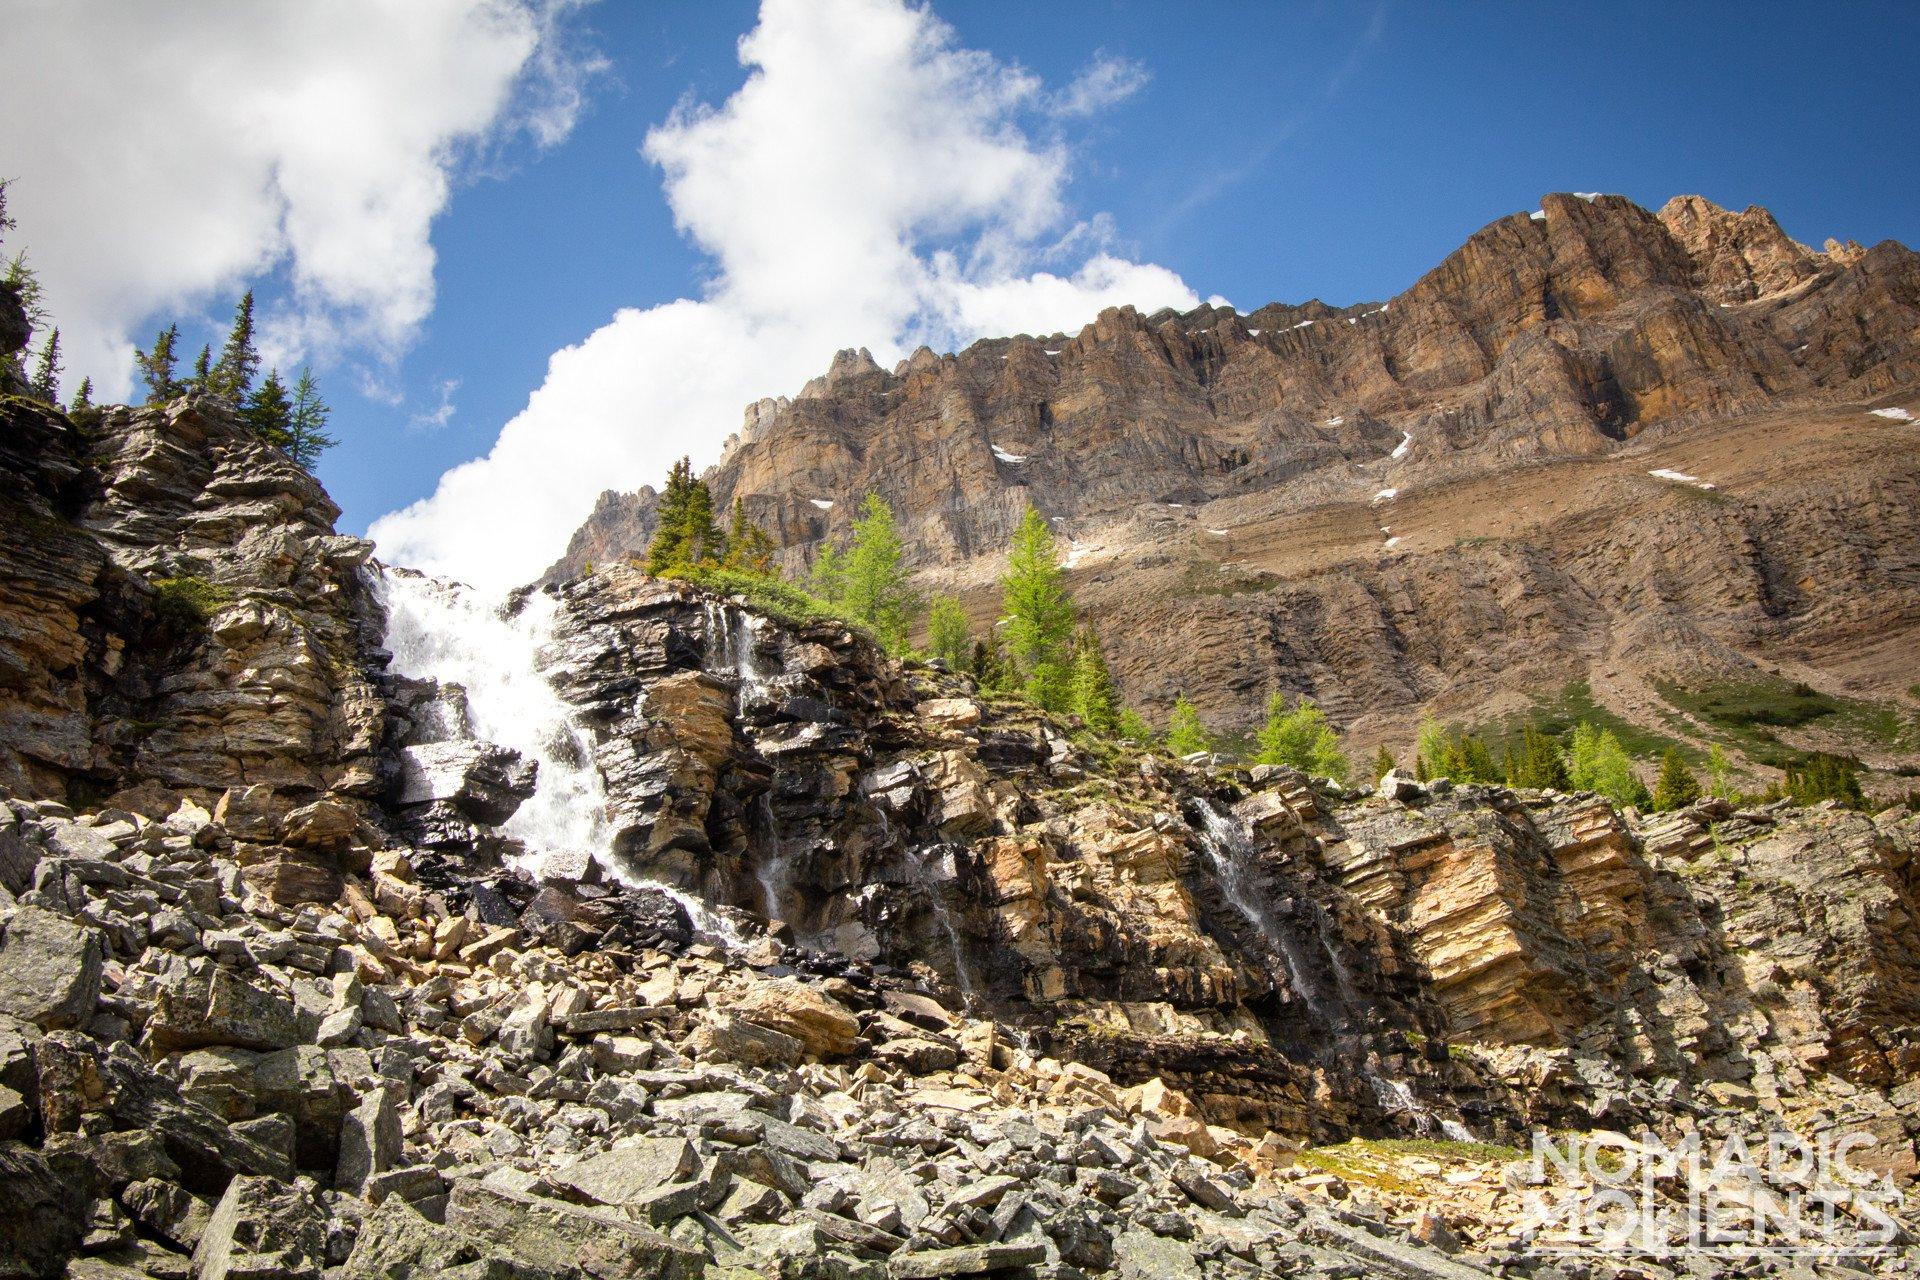 Skoki Waterfall